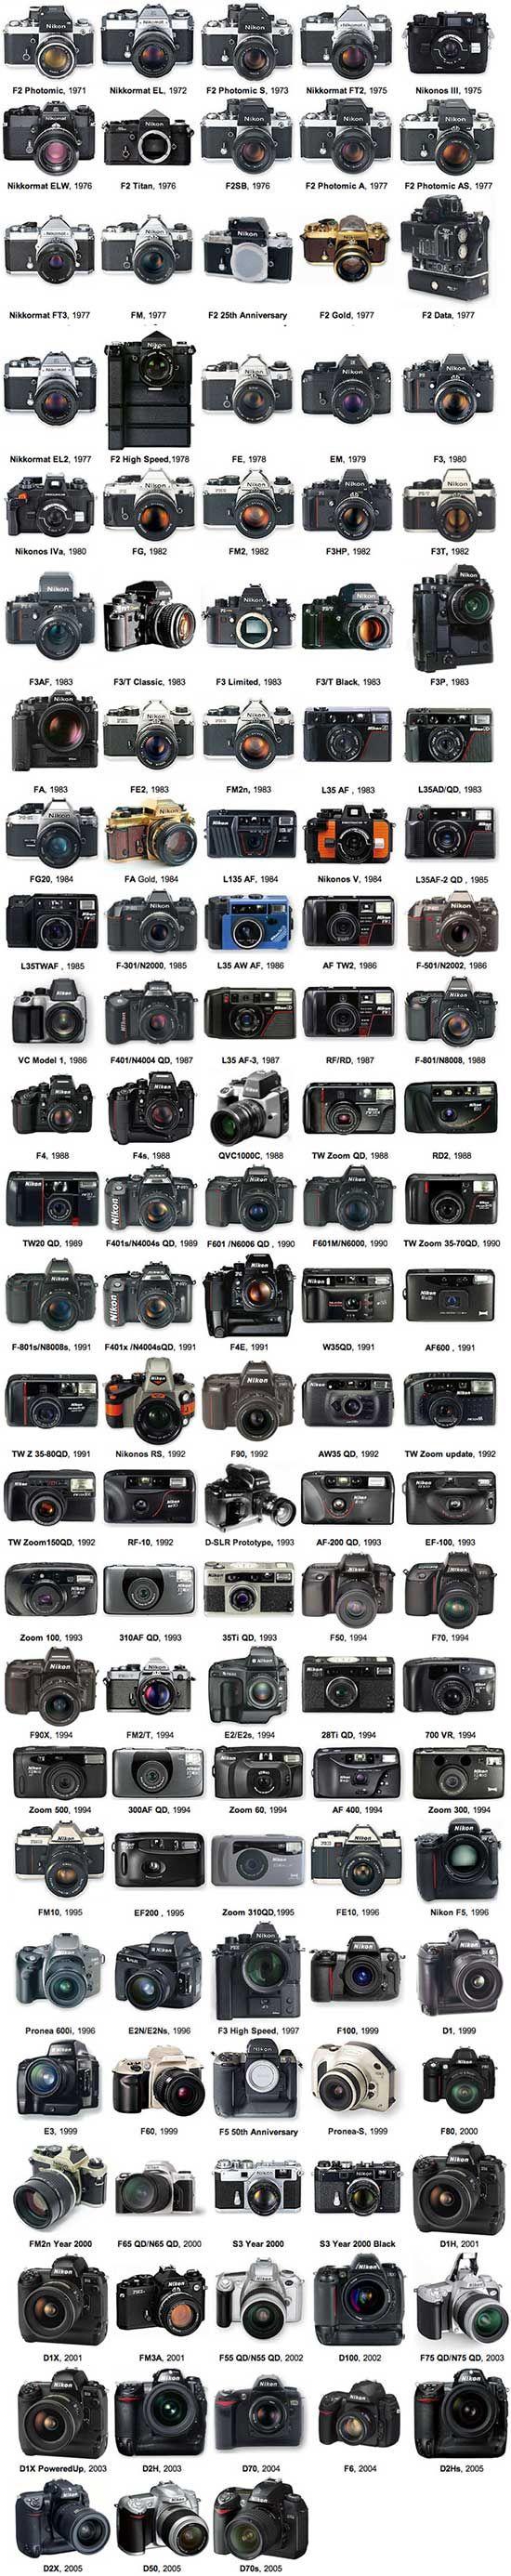 Nikon-camera-history2